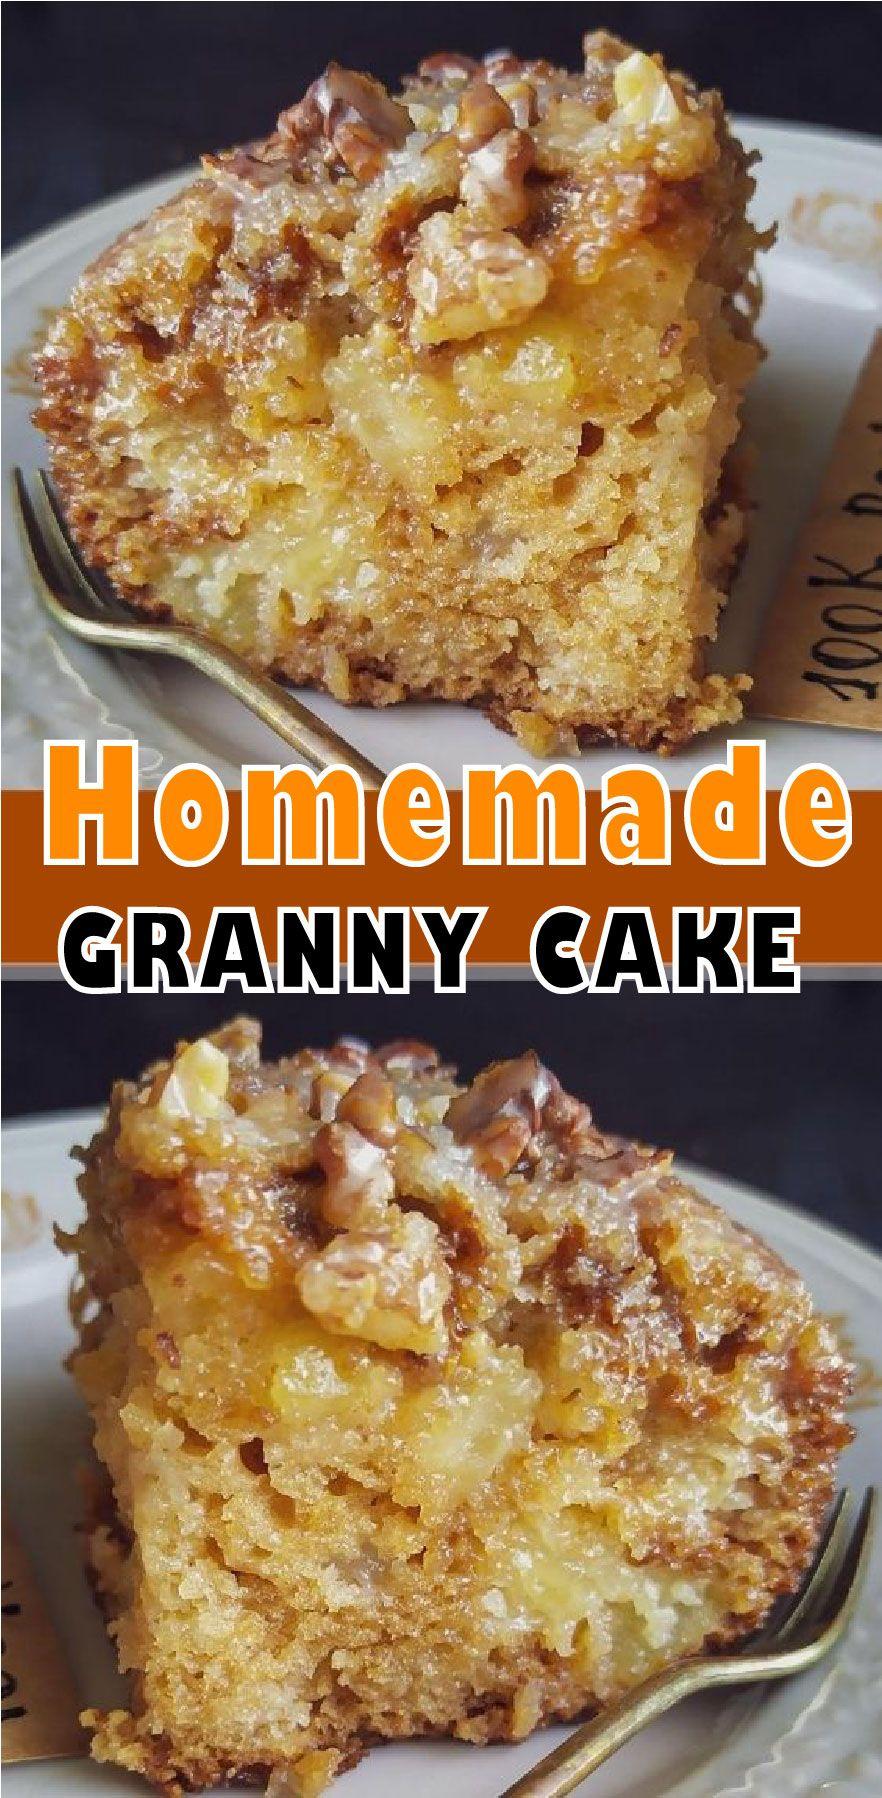 HOW DO YOU MAKE A MOIST GRANNY CAKE ?